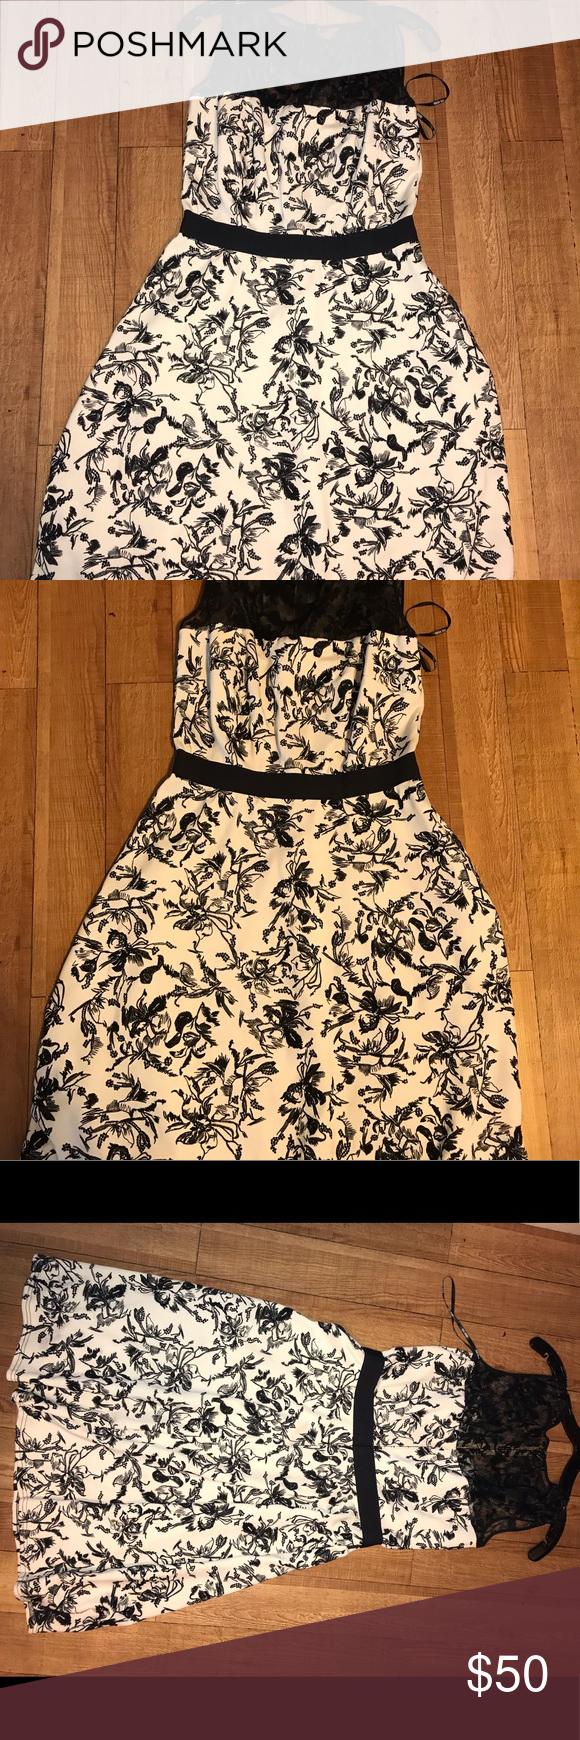 Tadashi Shoji Black White Dress W Lace Embroidery Embroidery Dress White Embroidery Dress Tadashi Shoji Dresses [ 1740 x 580 Pixel ]